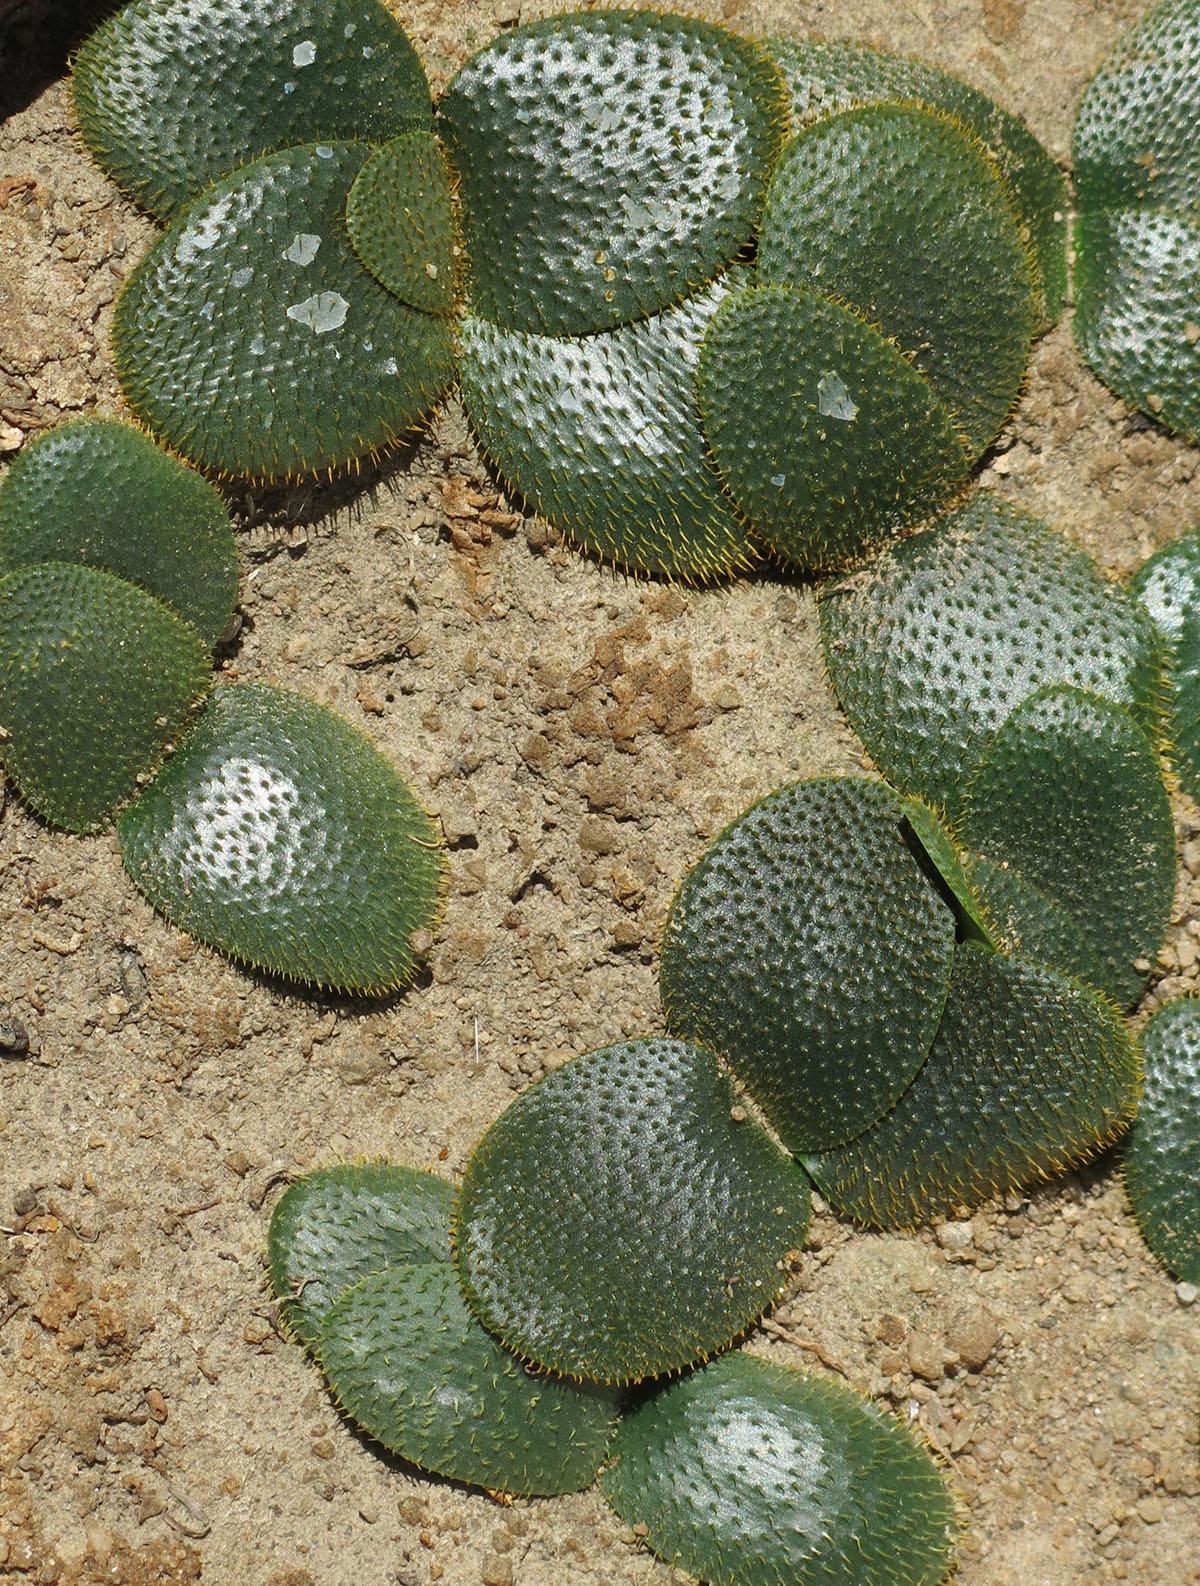 Brunsvigia namaquanum 3